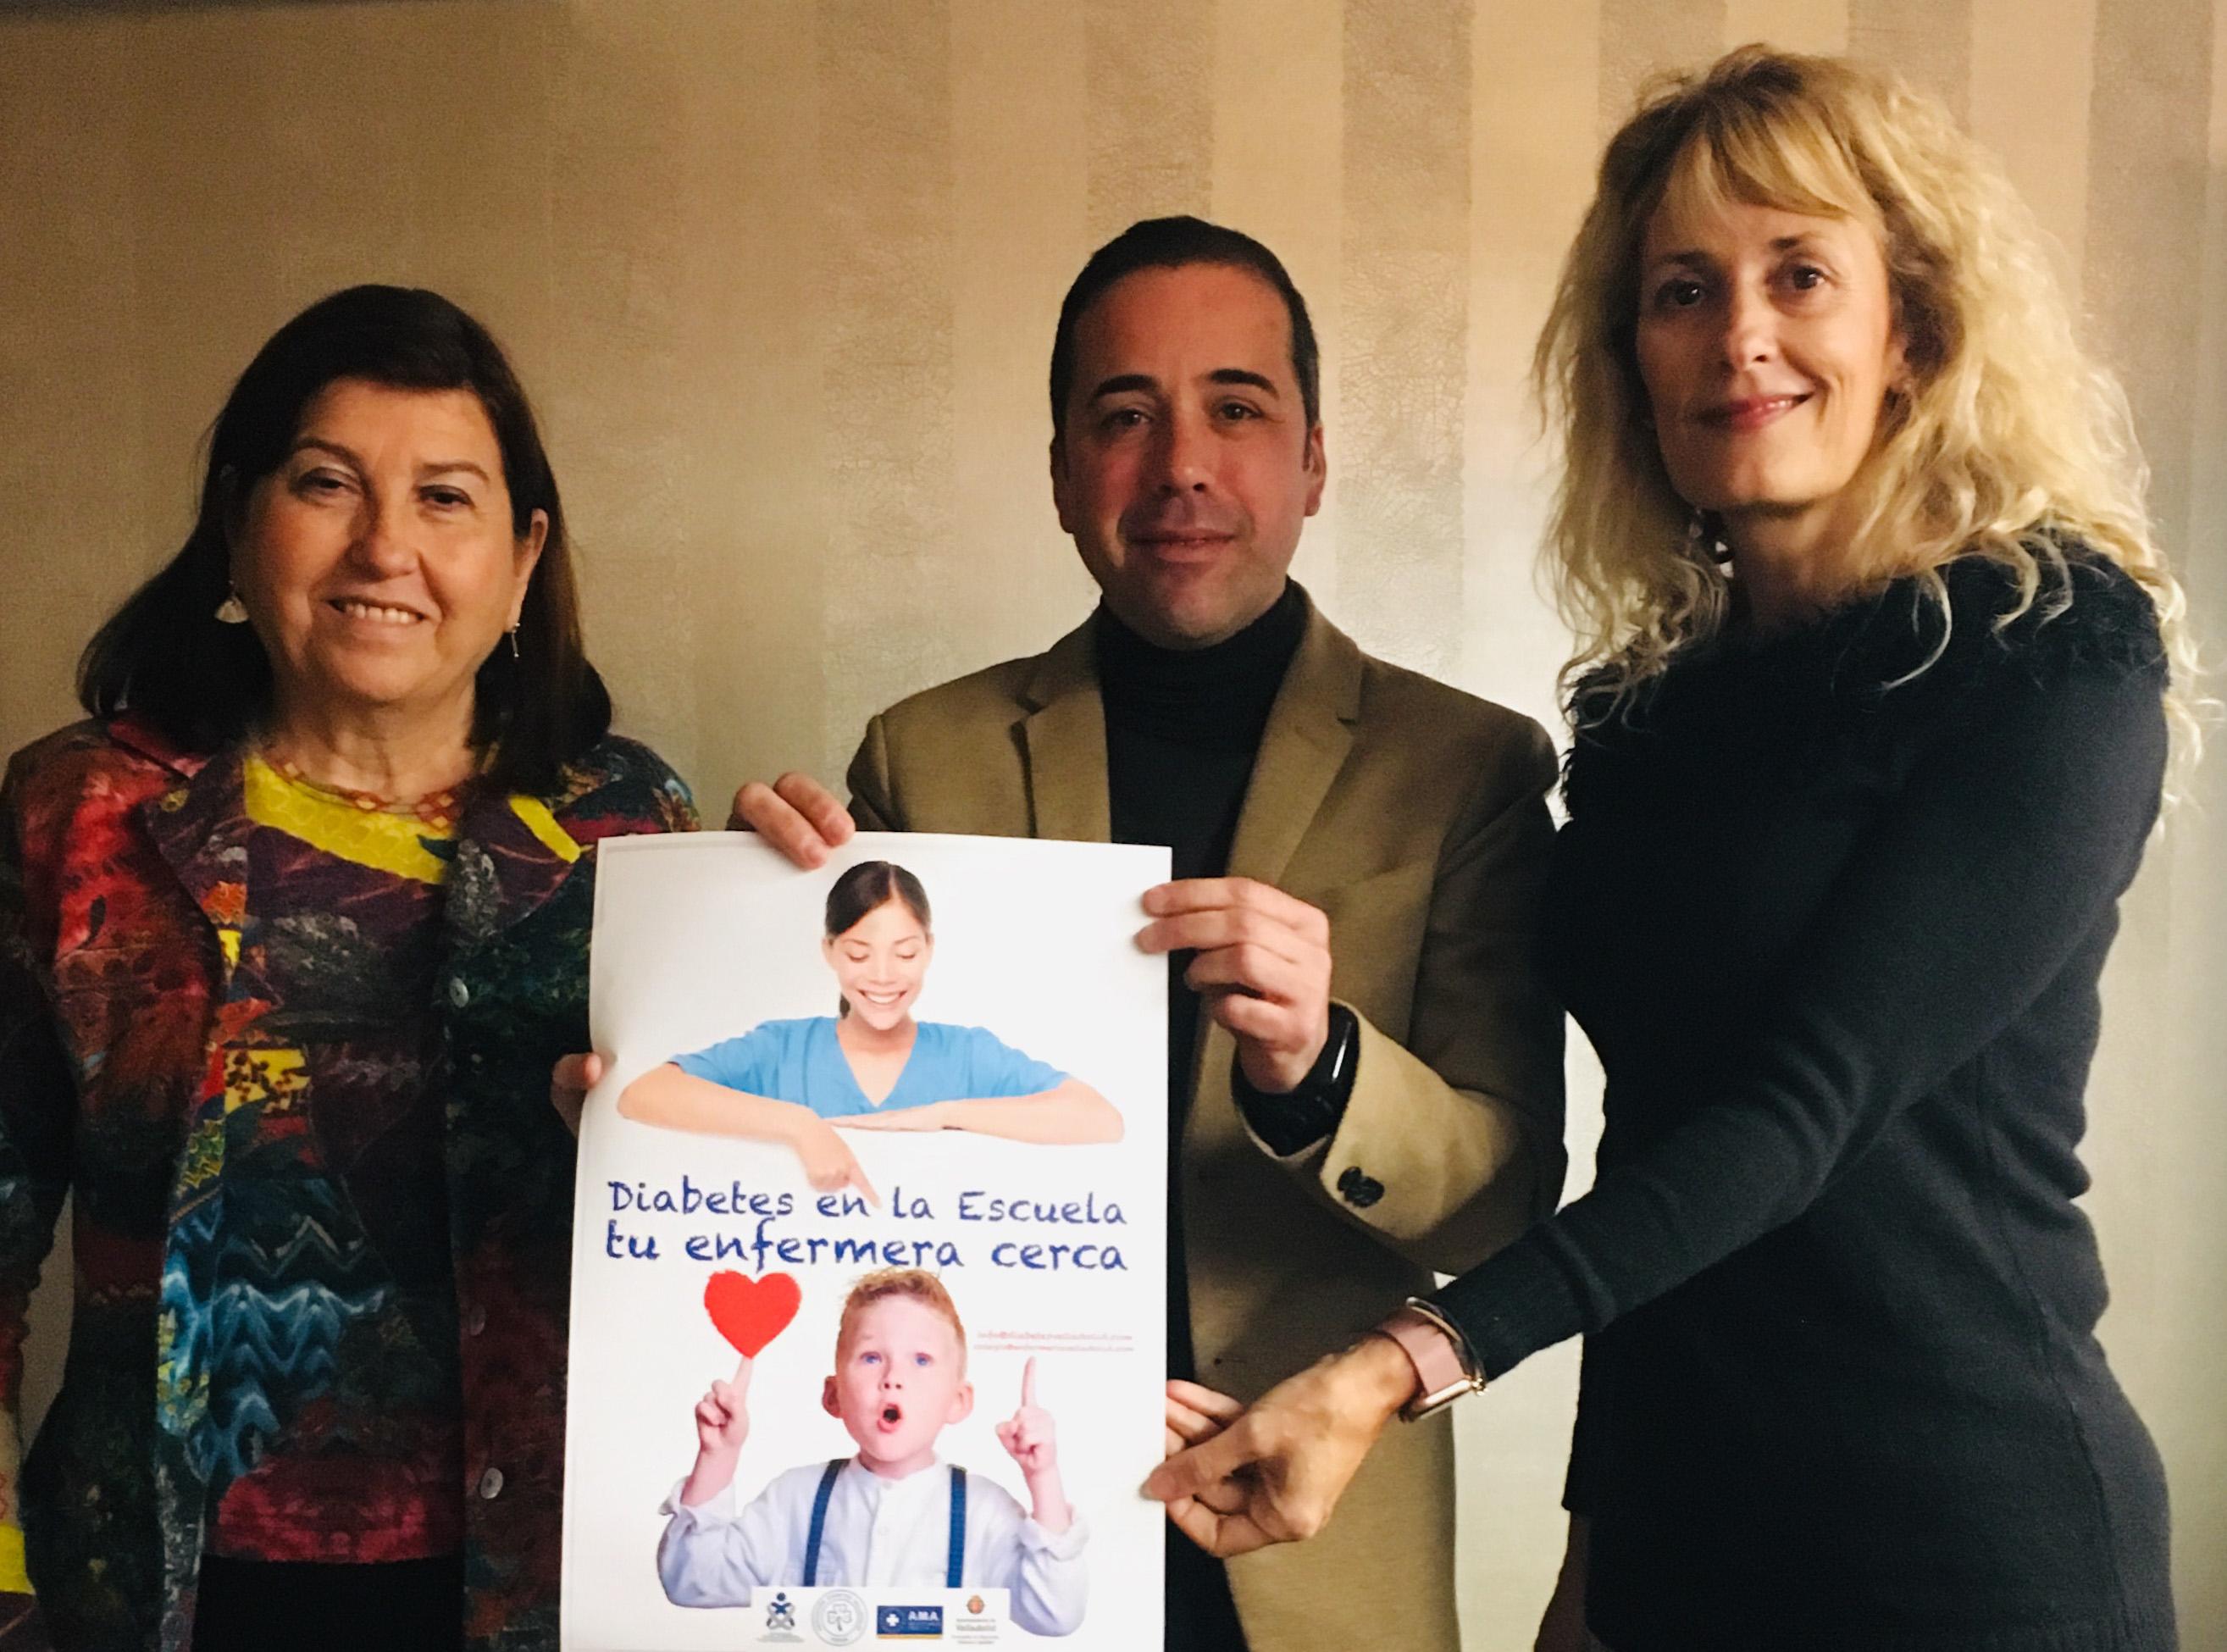 El Colegio de Enfermería de Valladolid trabaja para impulsar la educación en diabetes